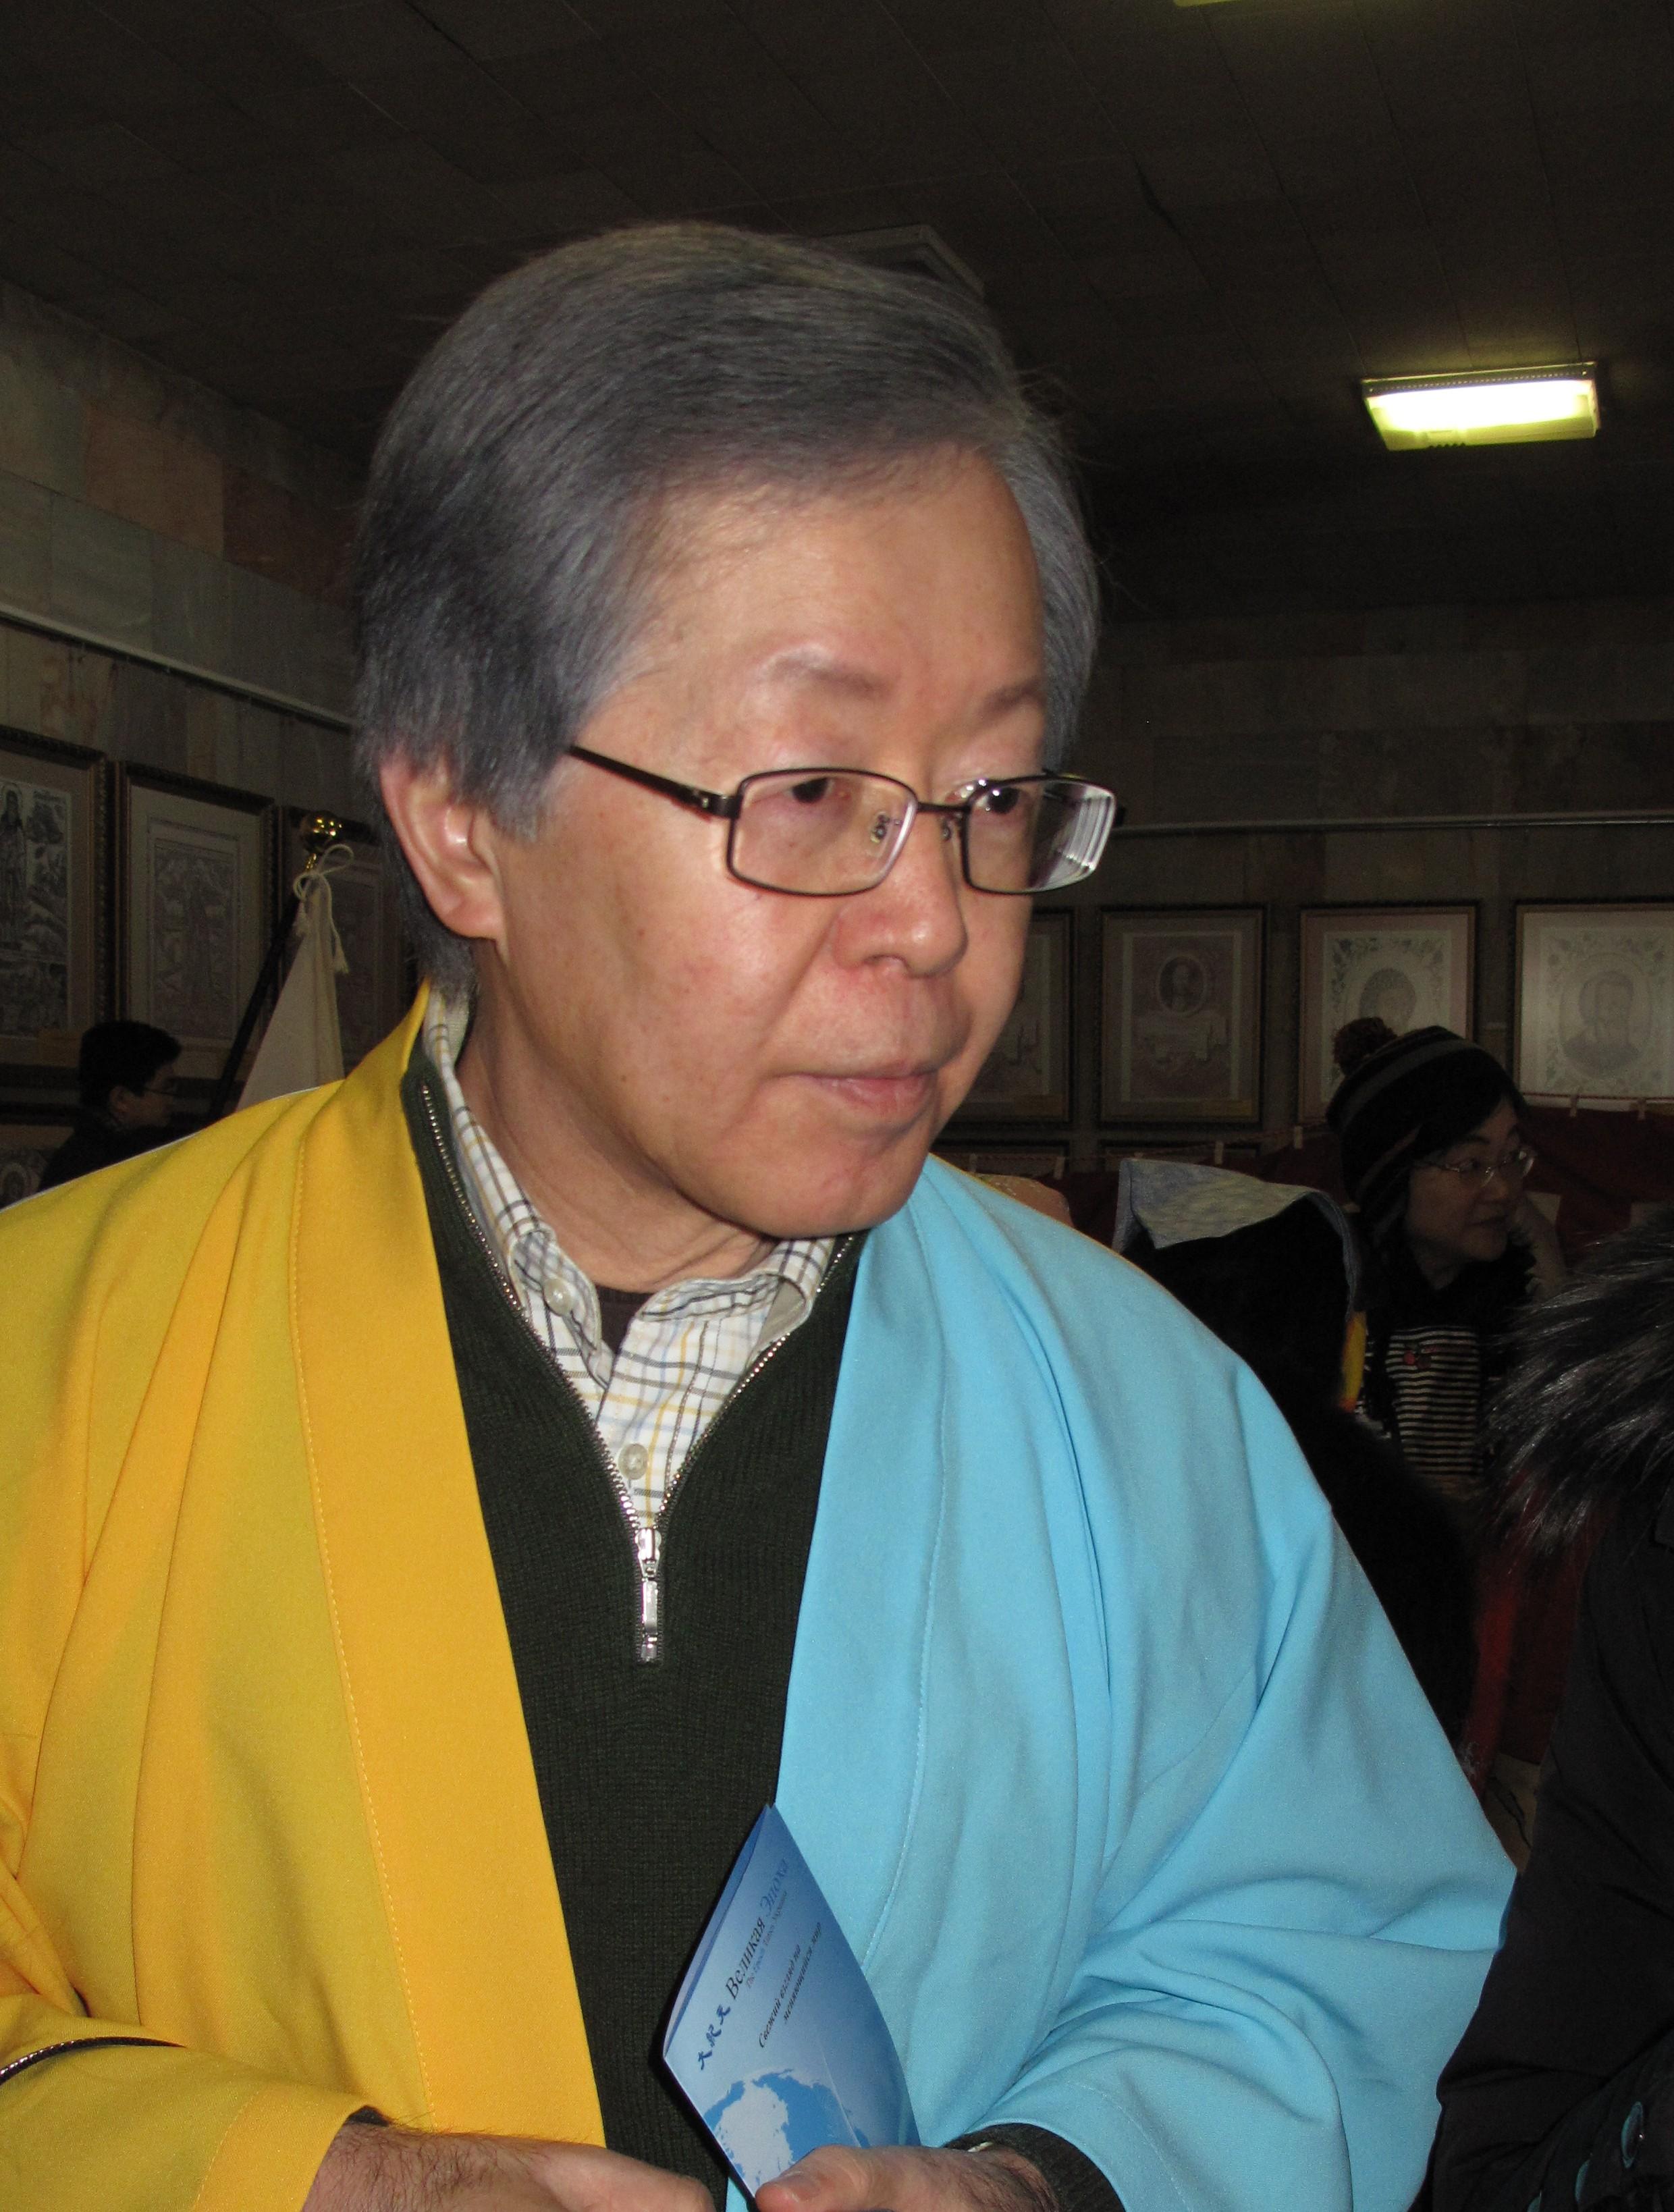 Надзвичайний та Повноважний посол Японії в Україні Саката Тоічі. Фото: Оксана Позднякова/The Epoch Times Україна